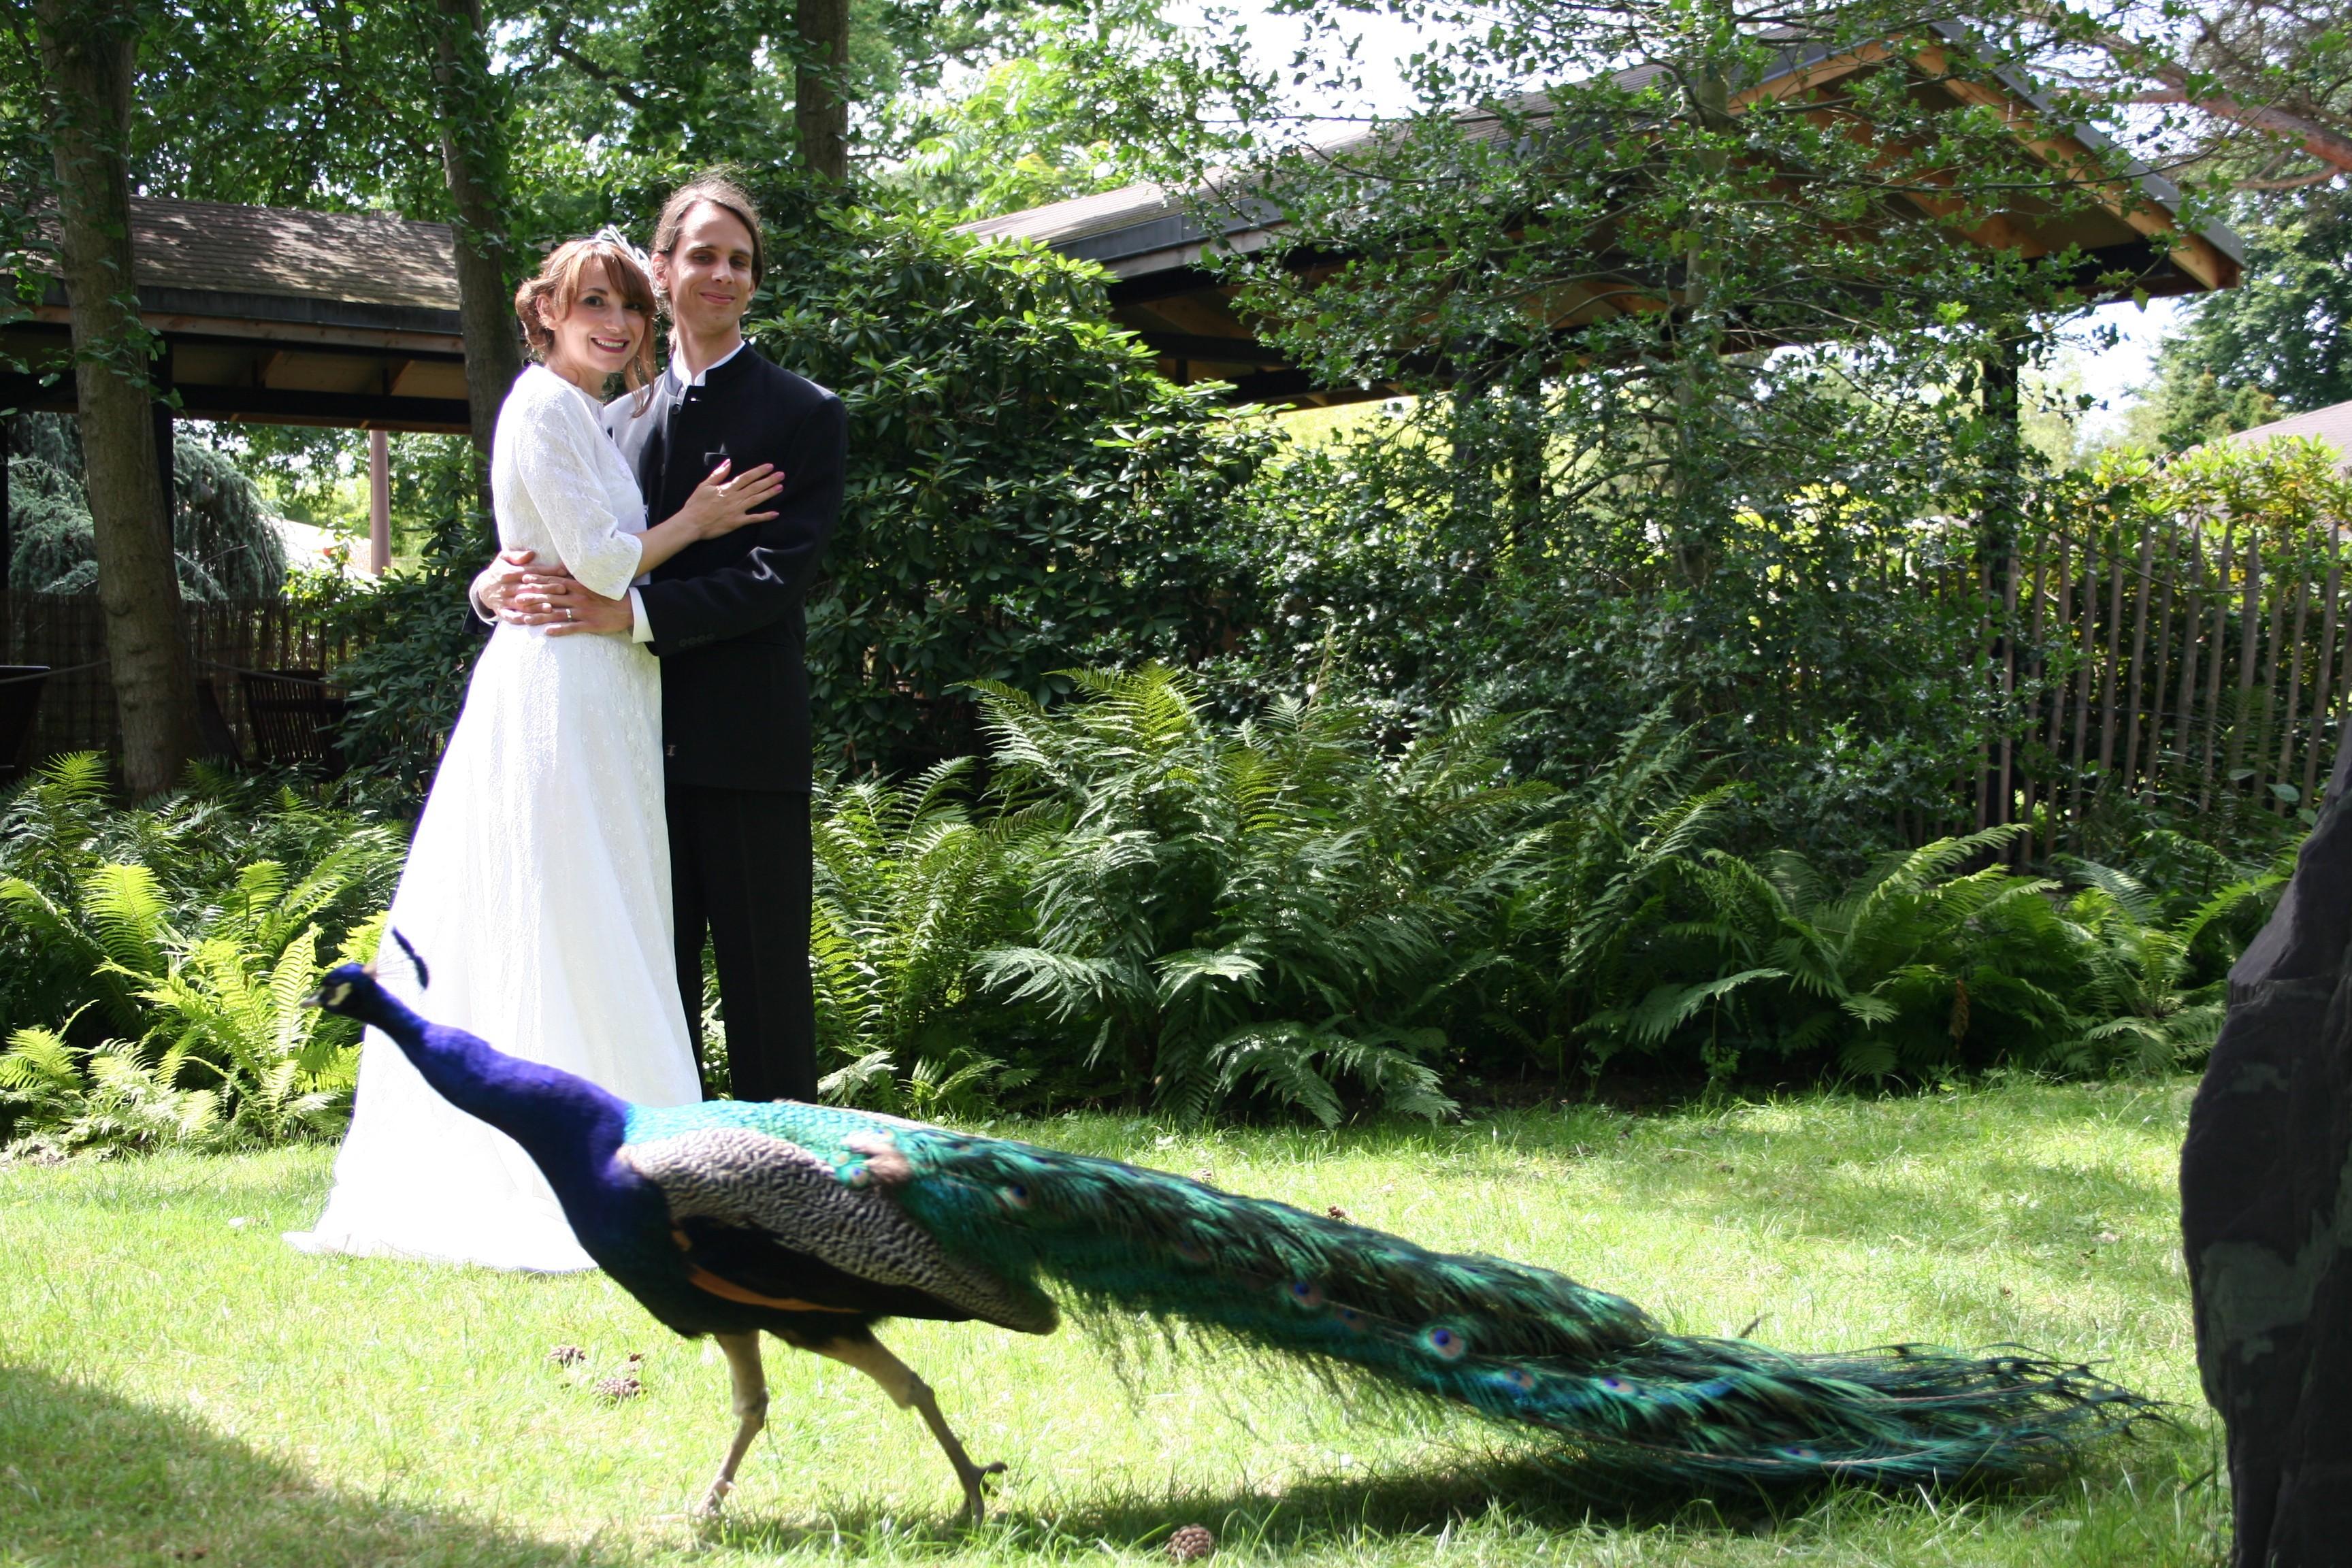 Mariage dans un jardin le blog de patrice schmink - Mariage dans un jardin decoration ...